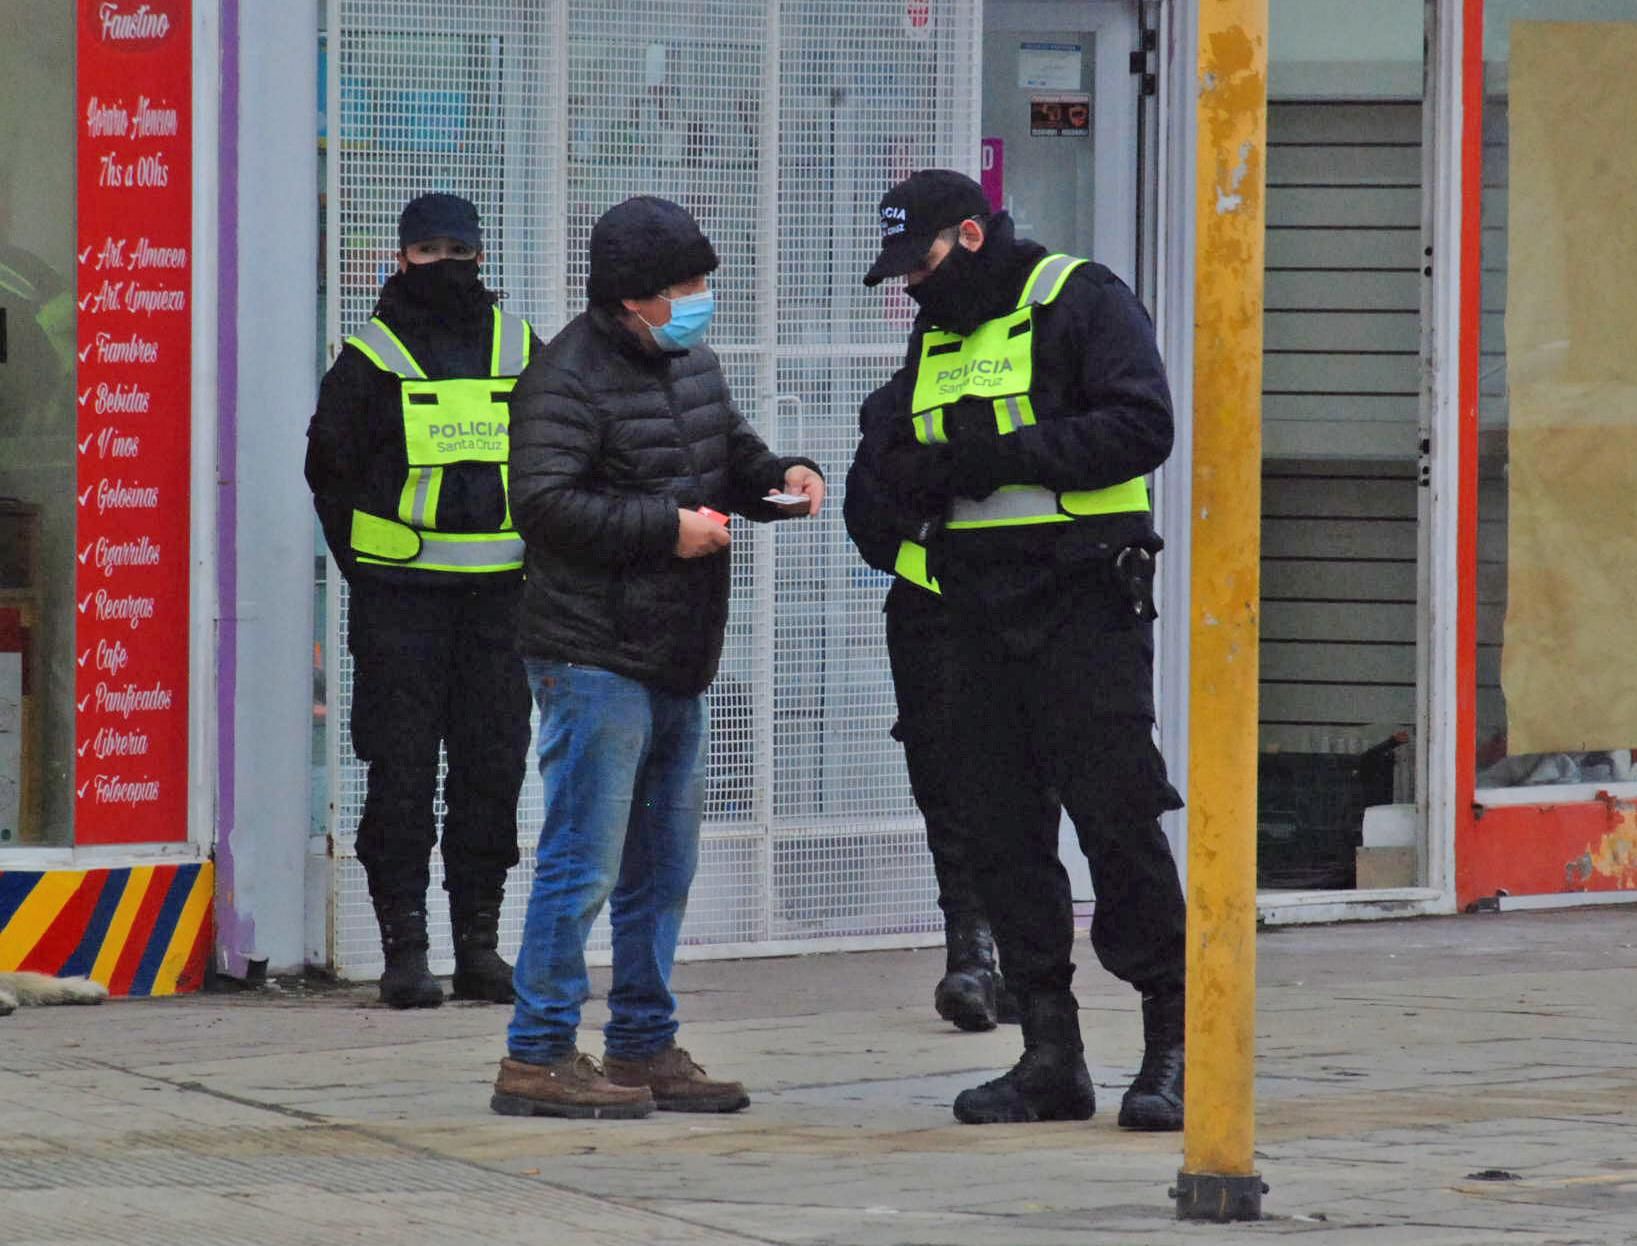 La Policía controló a los traseúntes para verificar si estaban habilitados a circular, según su DNI.